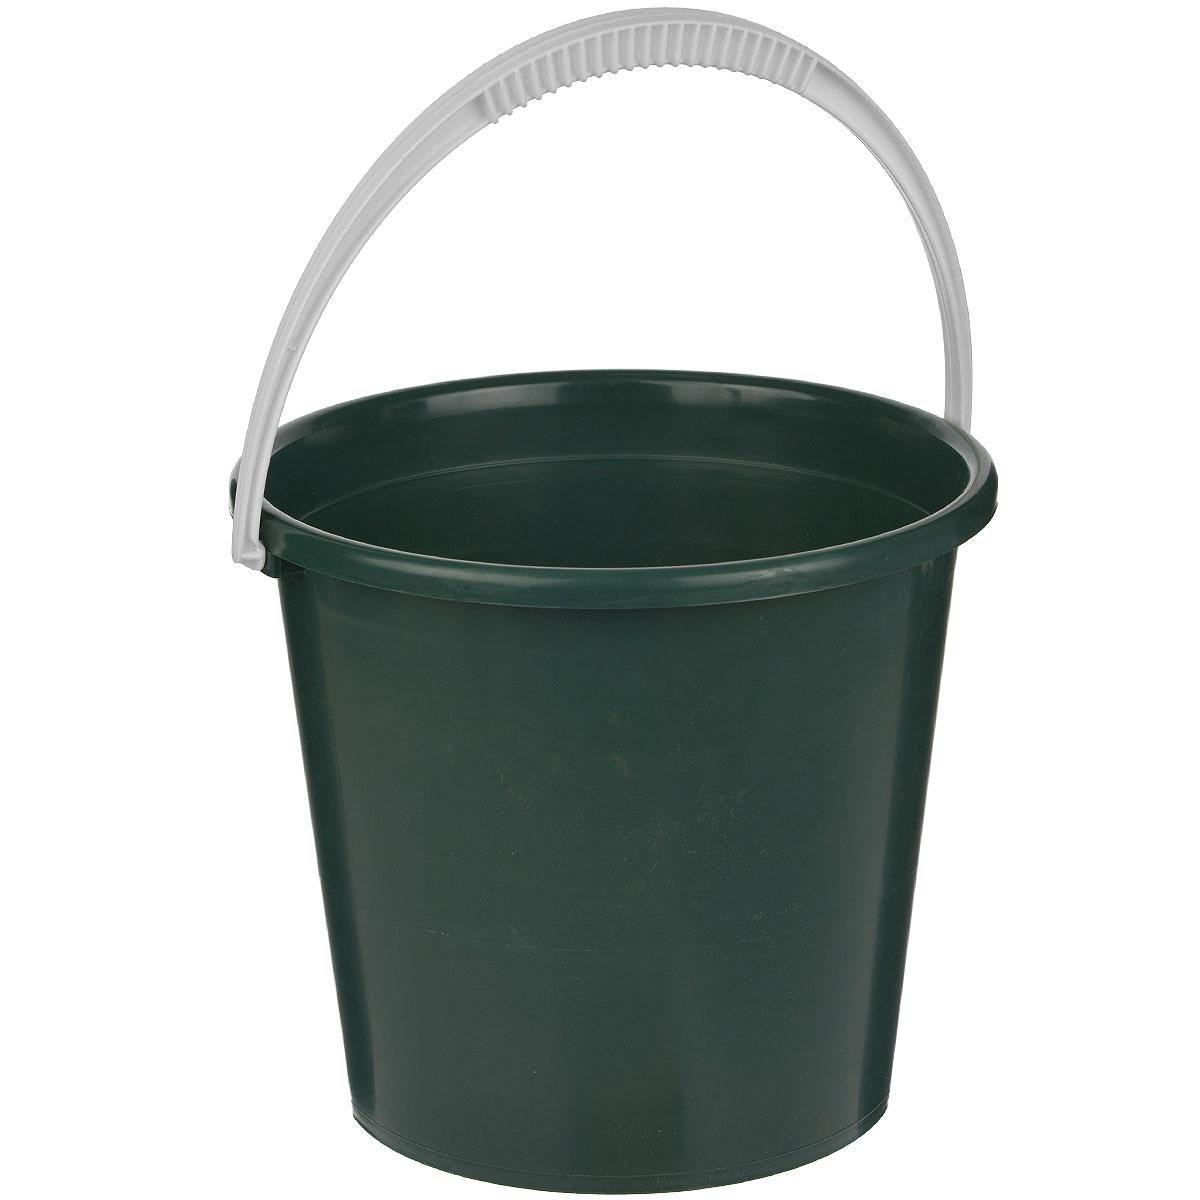 Ведро Альтернатива, цвет: темно-зеленый, 7 лМ1079Ведро Альтернатива изготовлено из высококачественного одноцветного пластика. Оно легче железного и не подвержено коррозии. Ведро оснащено удобной пластиковой ручкой. Такое ведро станет незаменимым помощником в хозяйстве. Размер: 25 см x 25 см x 22 см.